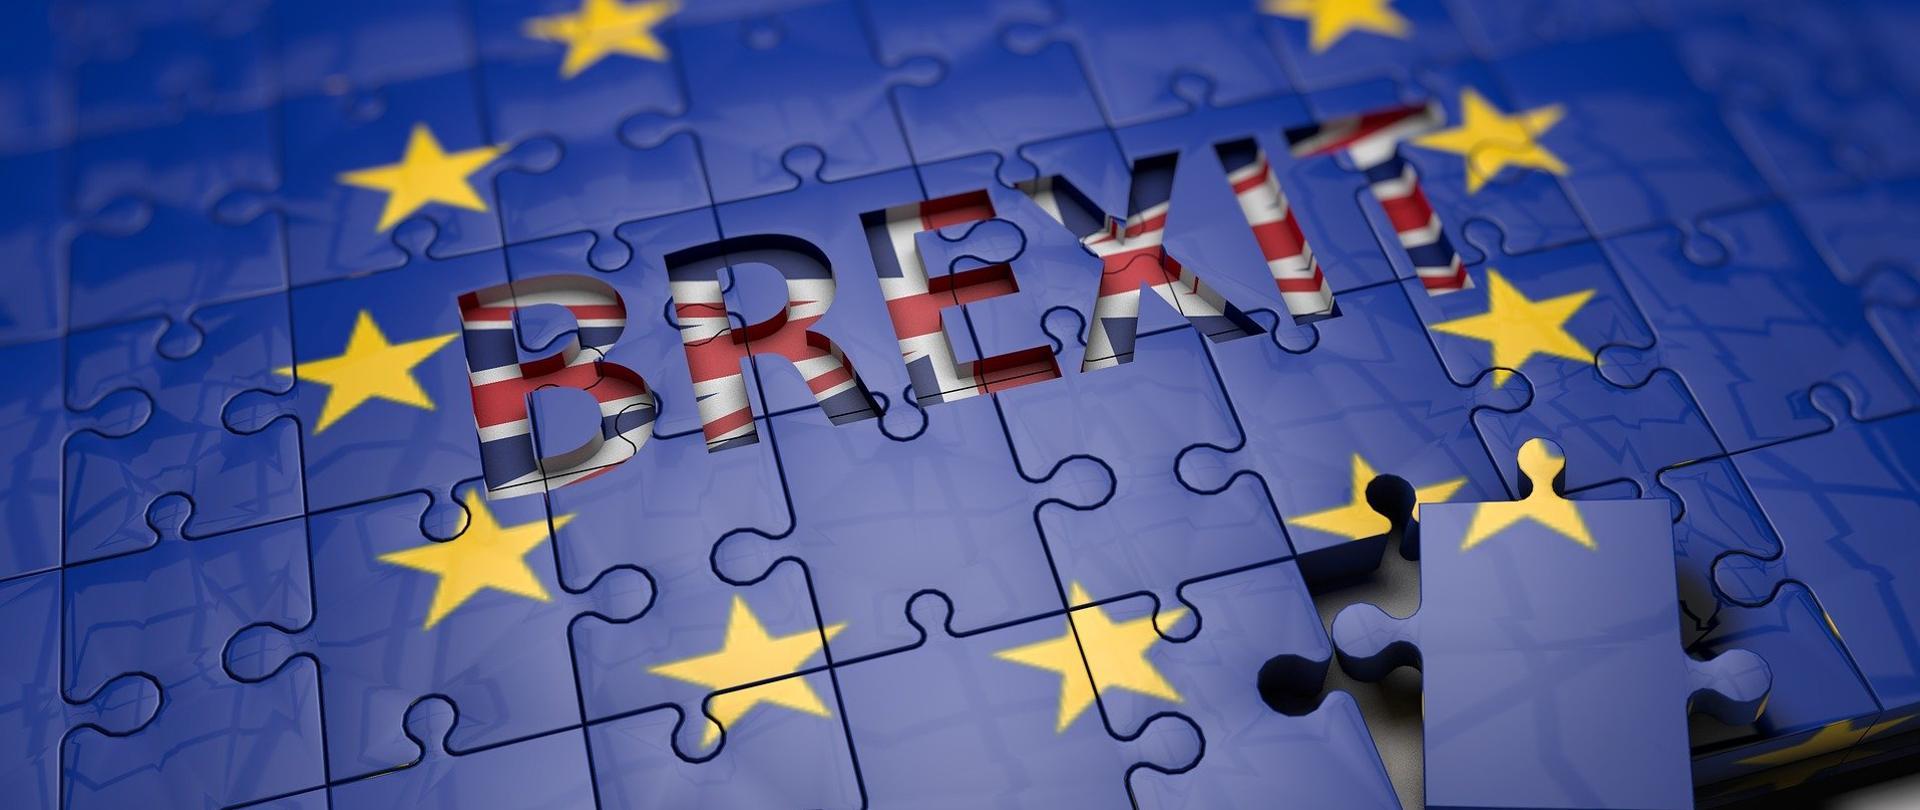 Zawiadomienia sektorowe dotyczące gotowości zakończenia okresu przejściowego w relacjach UE-Zjednoczone Królestwo